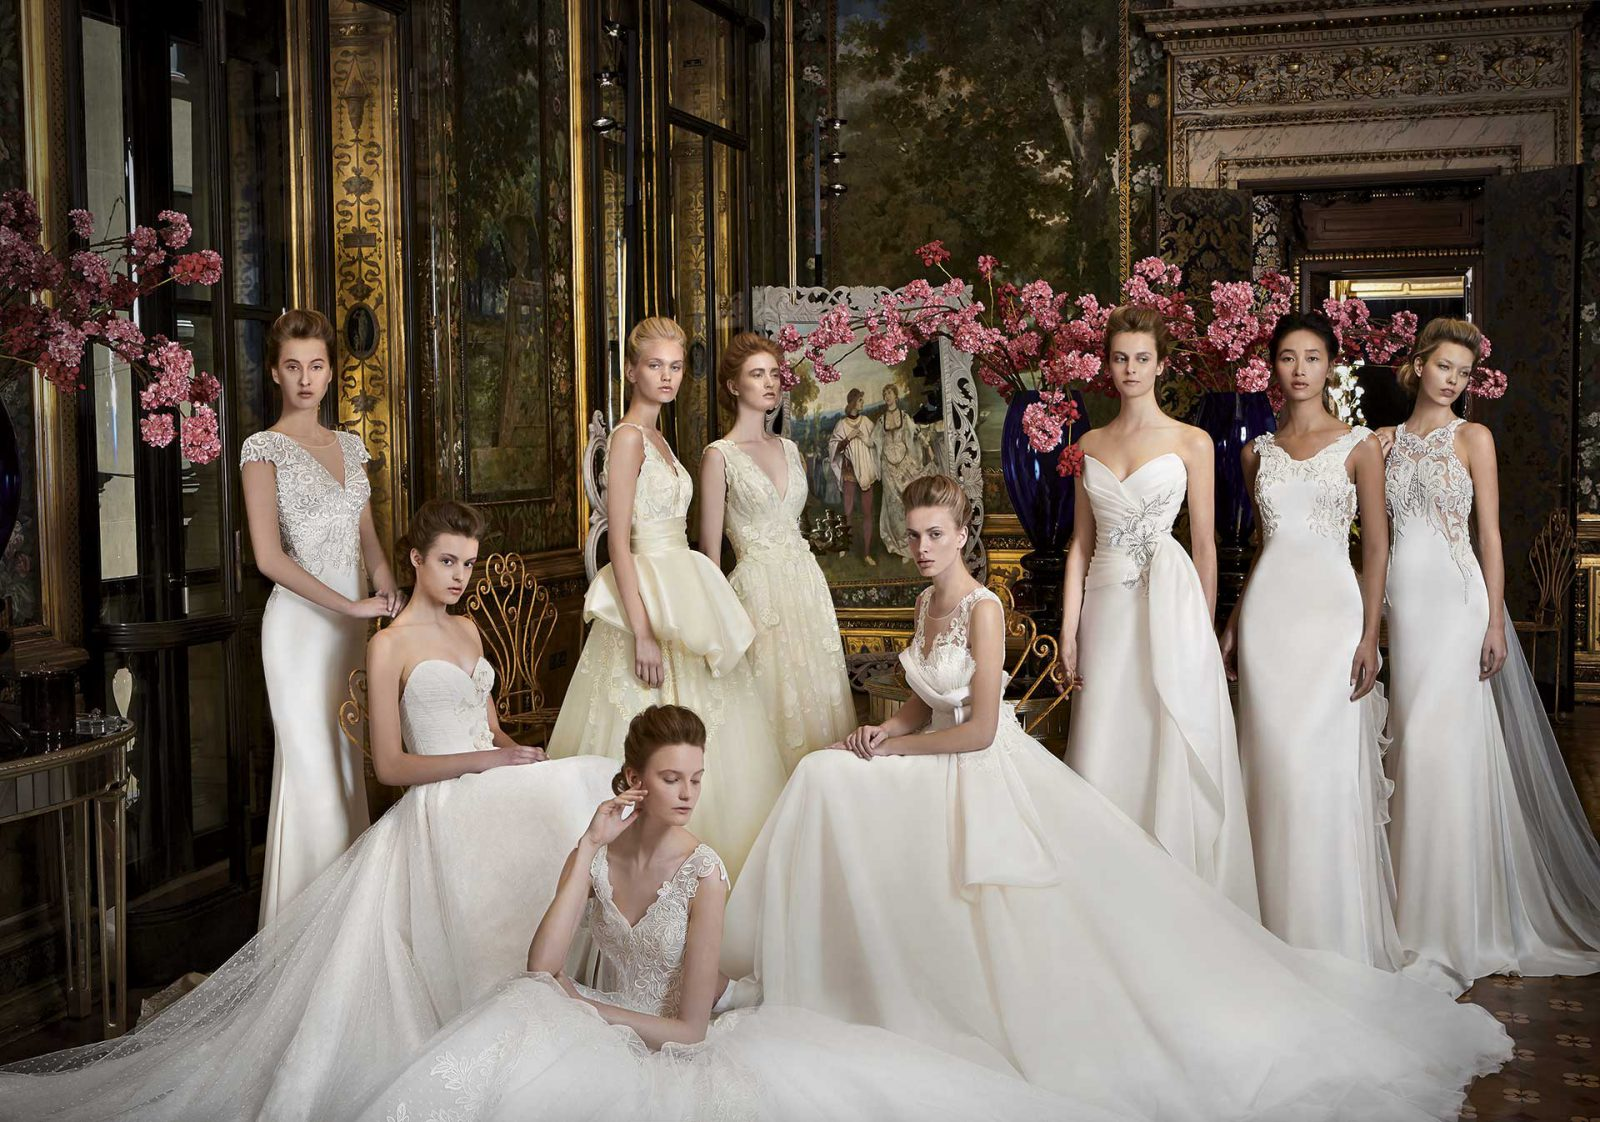 Vestiti da sposa 2017 carlo pignatelli